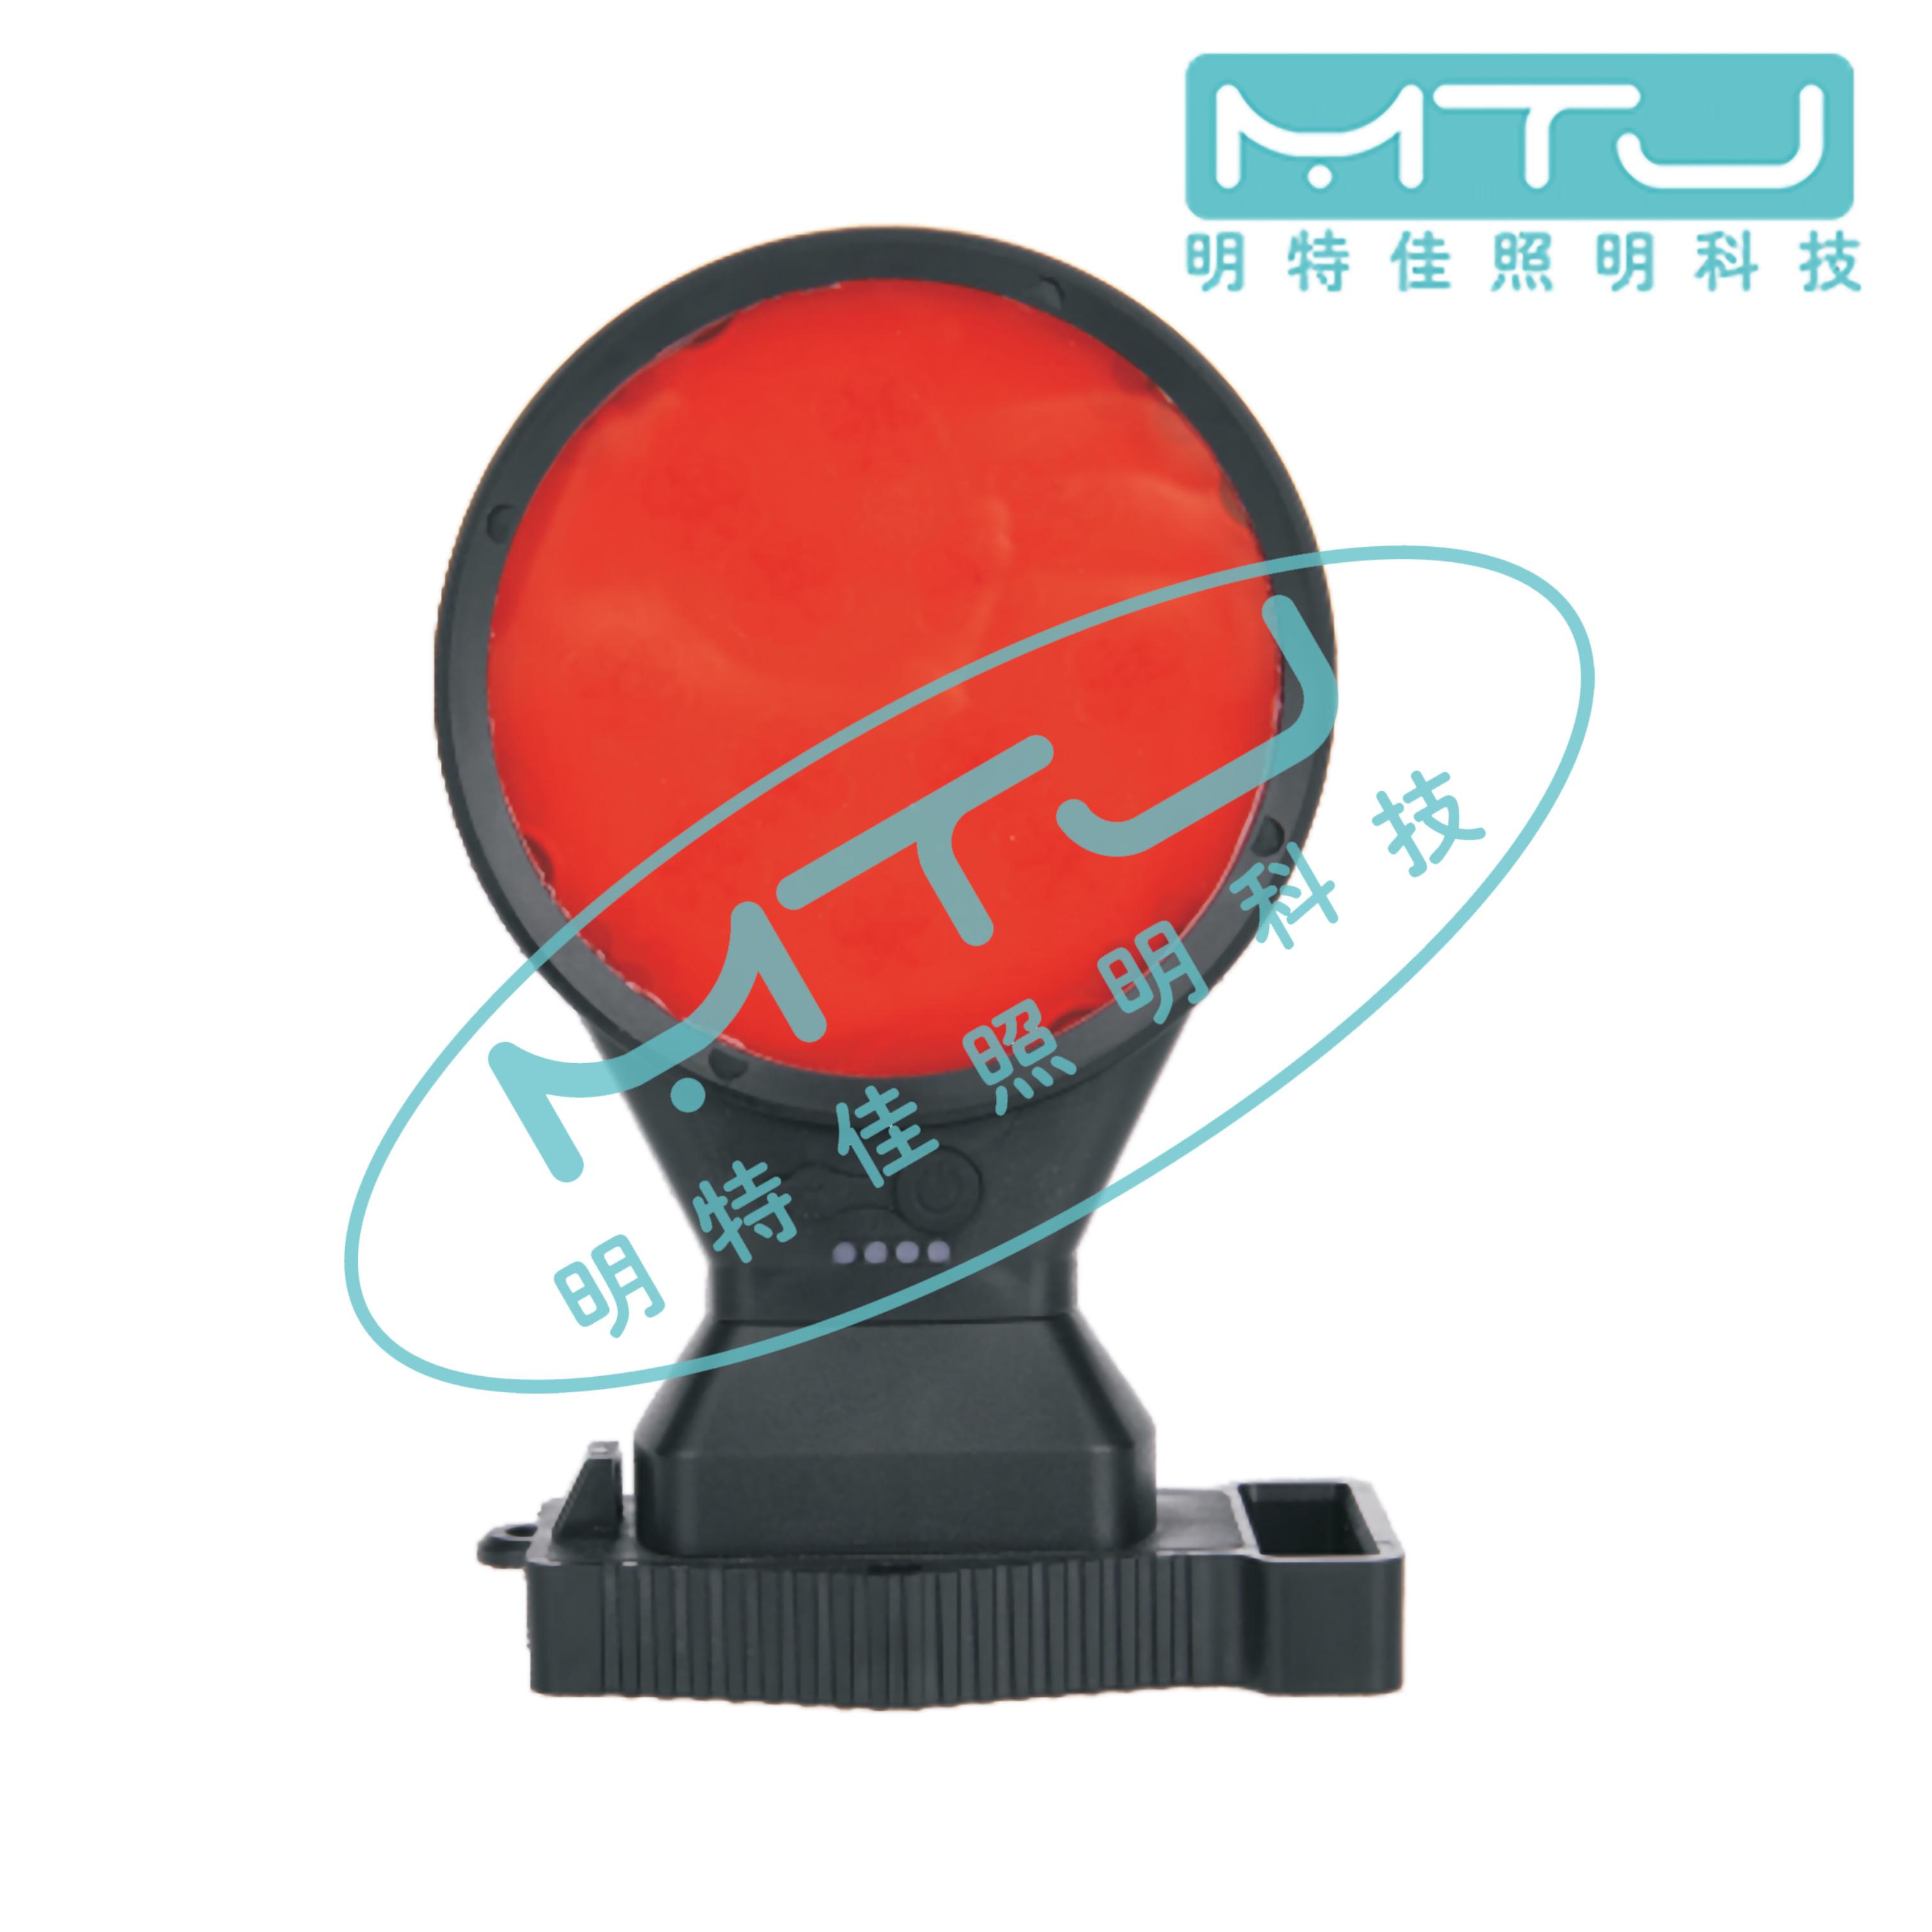 BXD4100A 远程方位灯